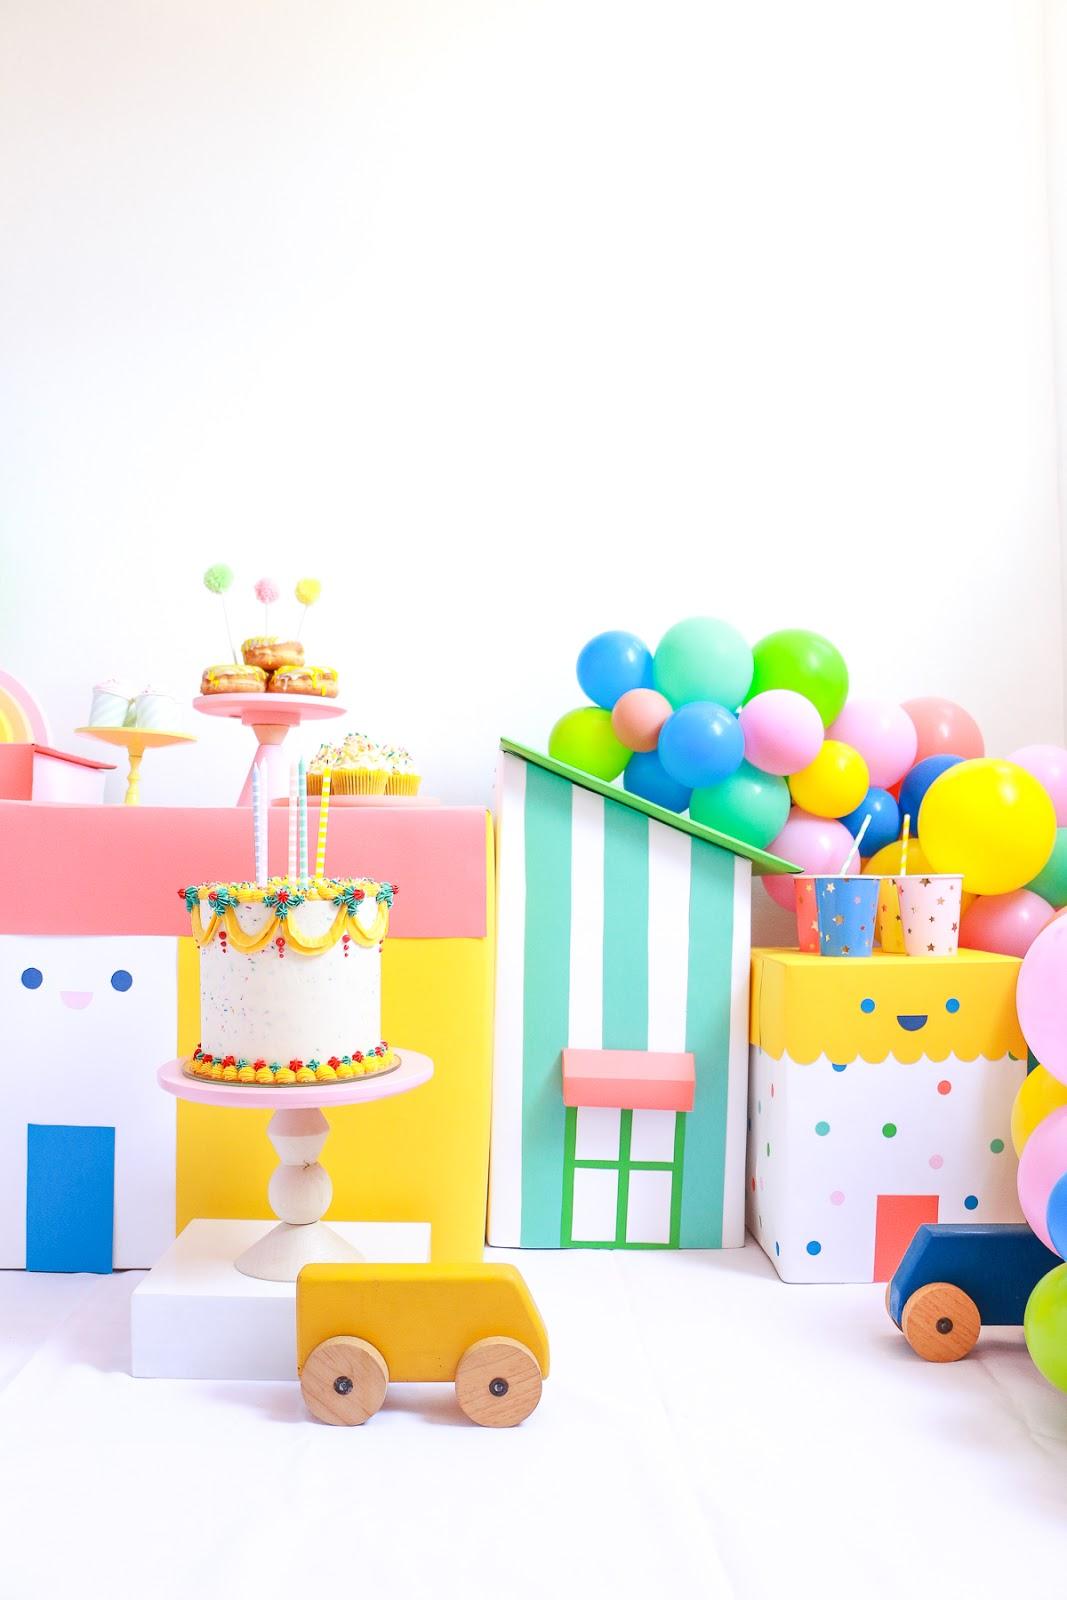 CENARIO FESTA INFANTIL COM PAPELAO E BALOES COLORIDOS BLOG DO MATH